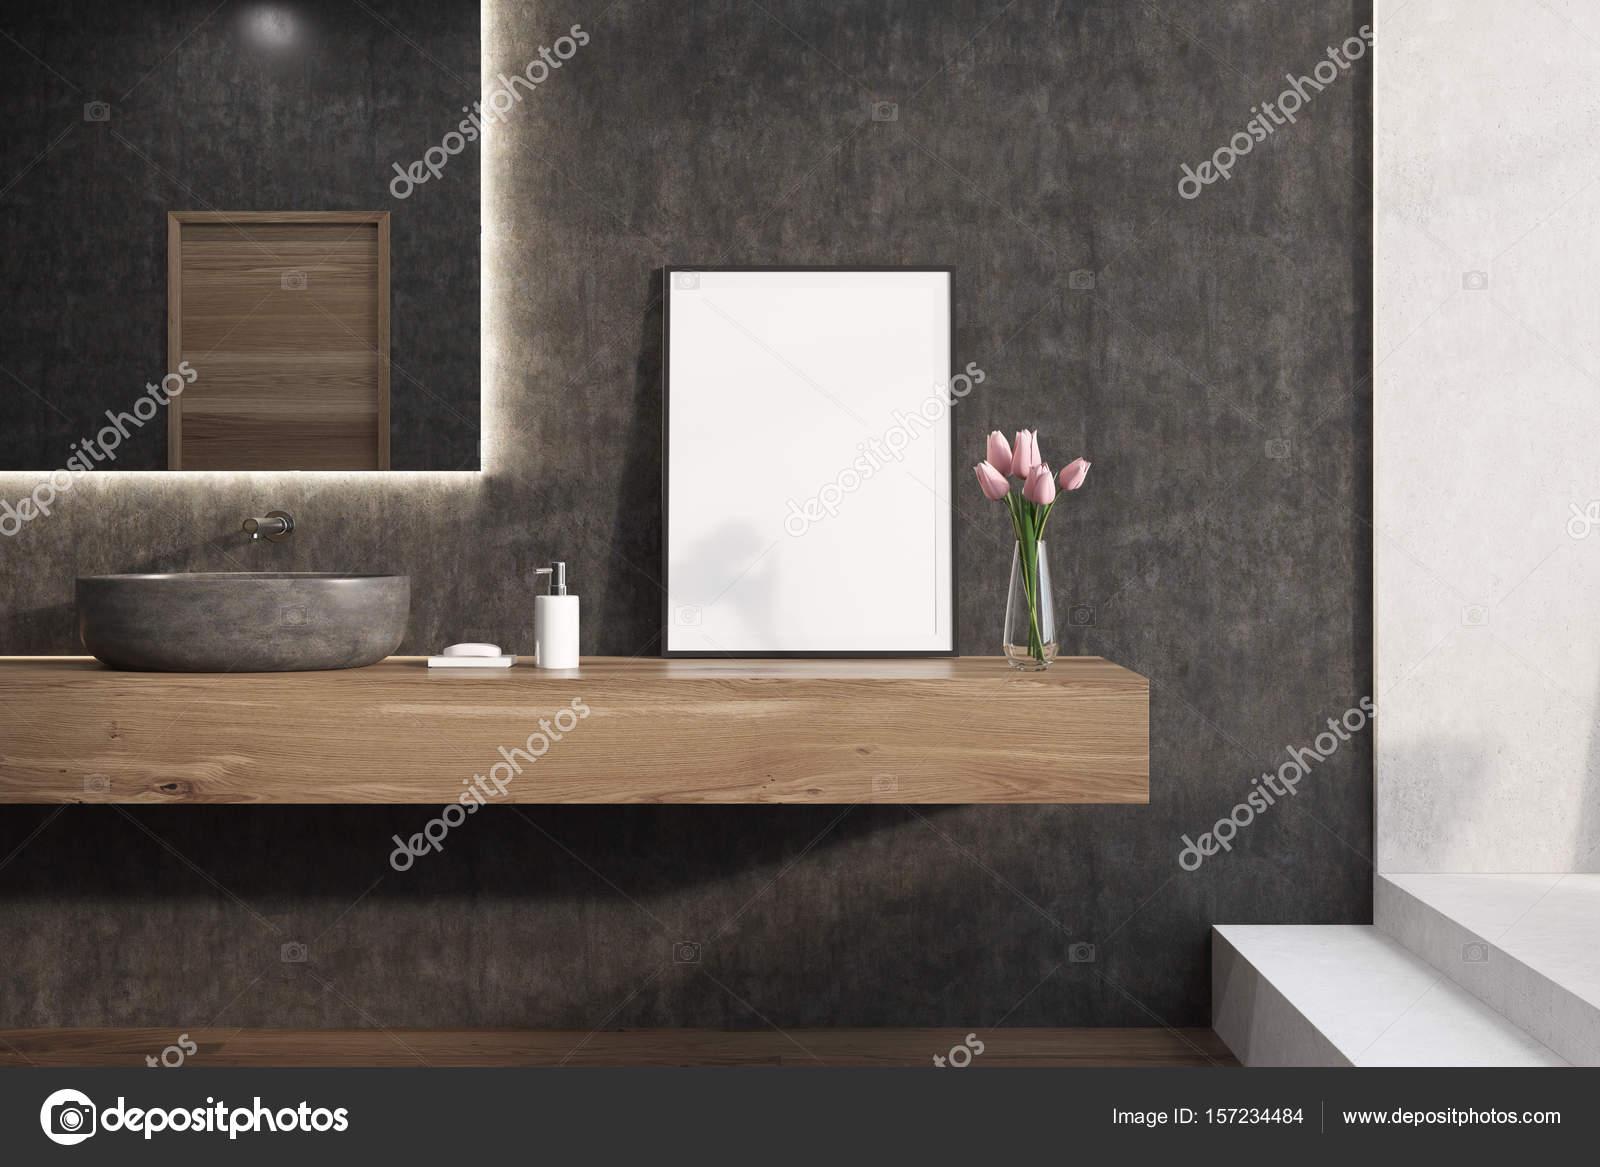 Salle De Bain Mur Noir ~ miroir sur un mur de salle de bain noir affiche photographie